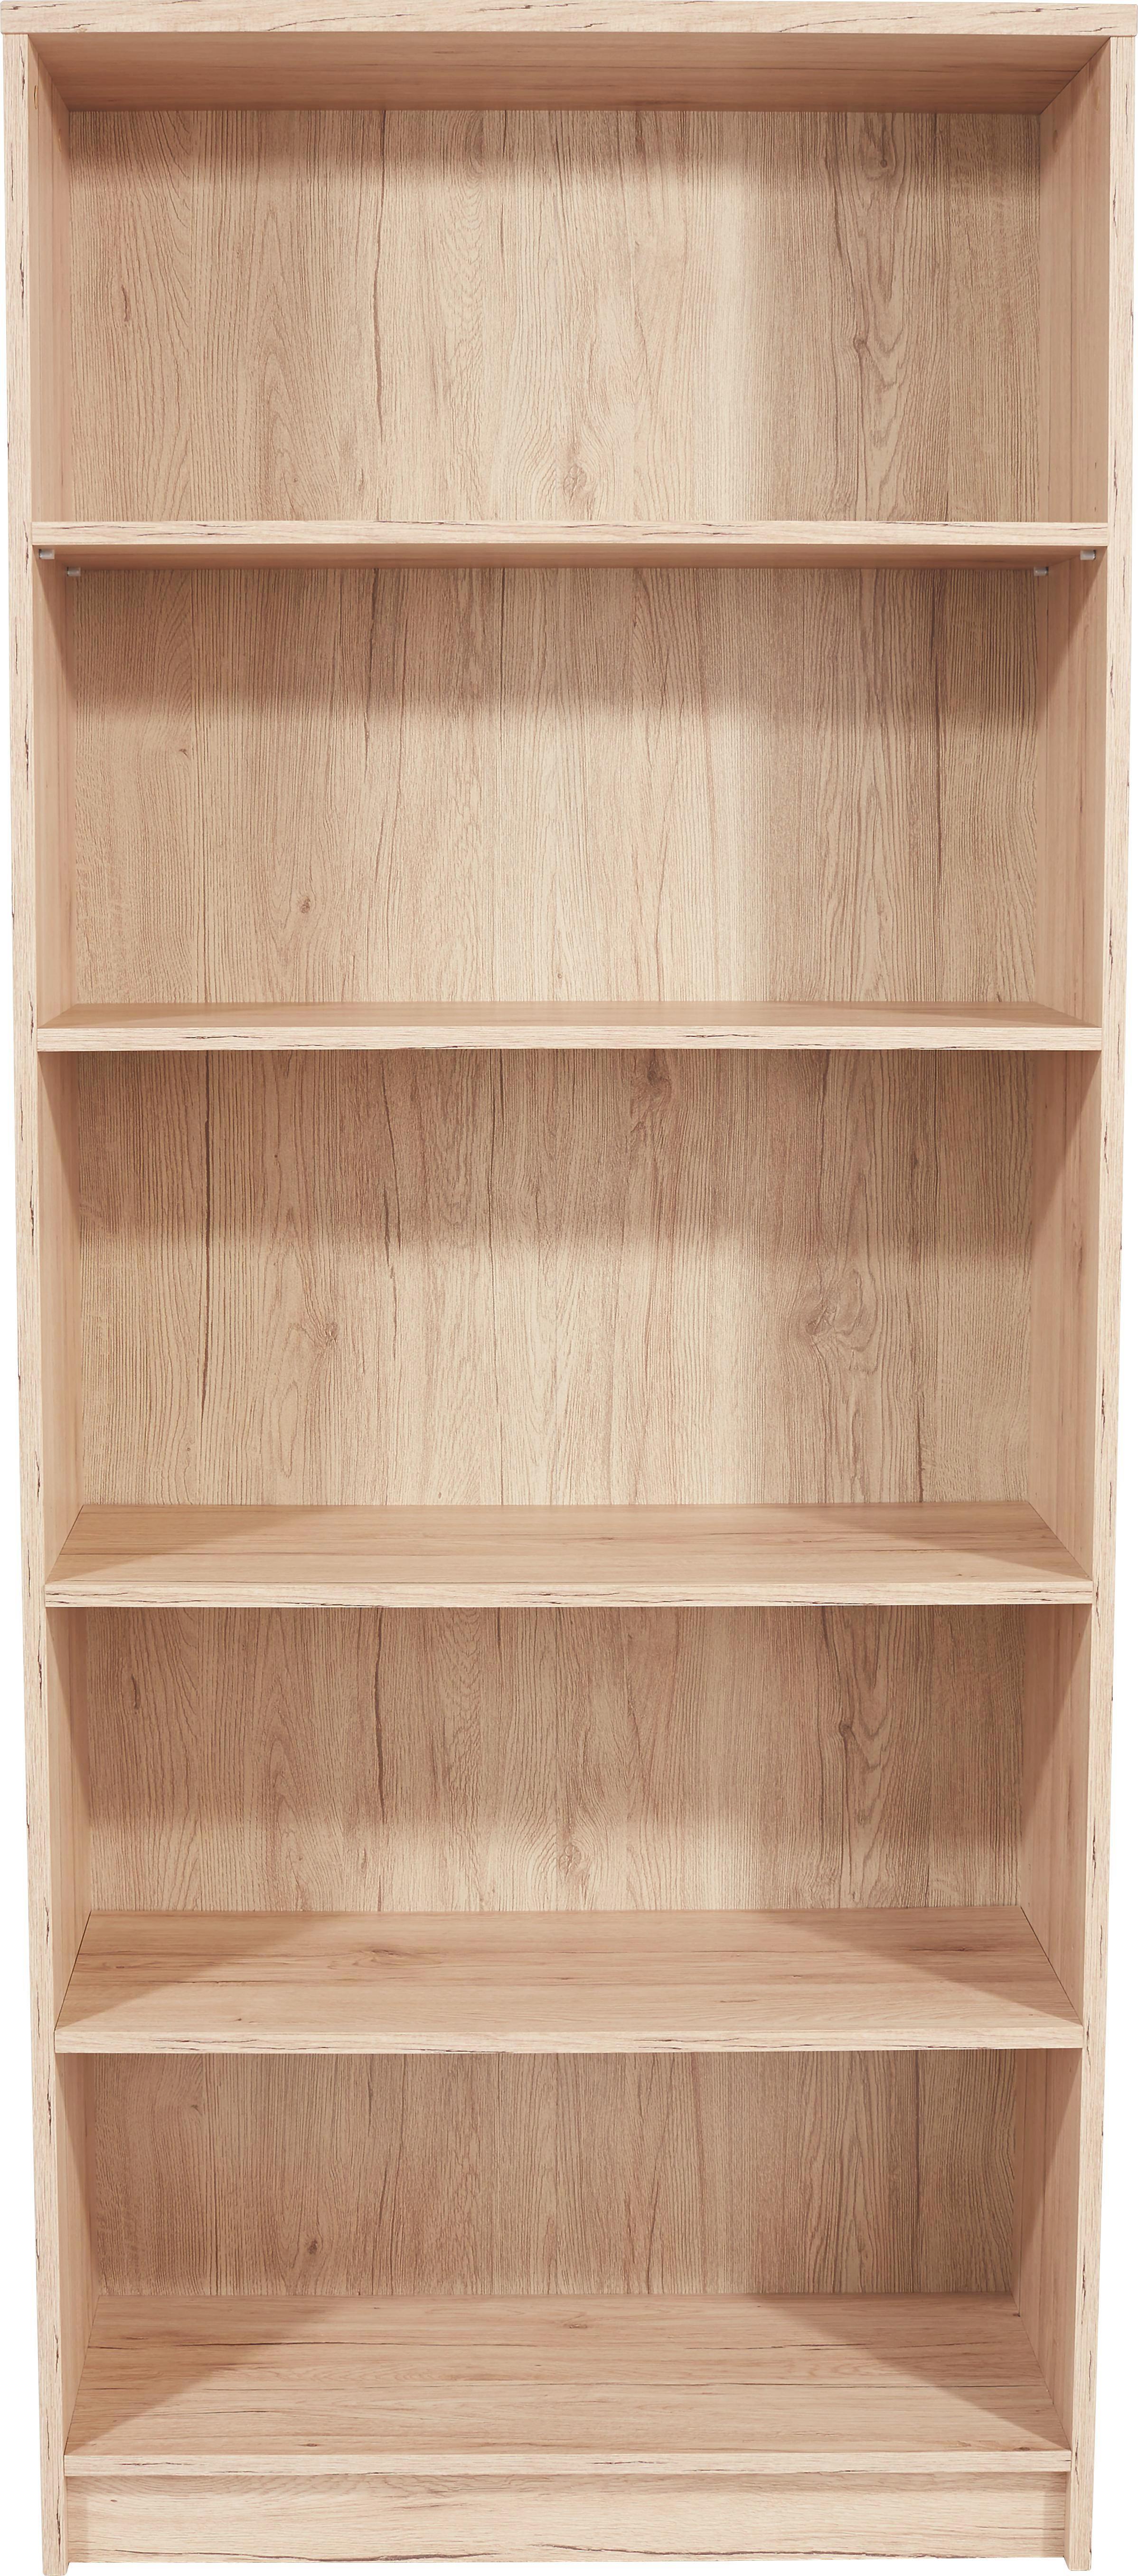 Regál 4-you Yur03 - barvy dubu, Moderní, dřevěný materiál (74/189,5/34,6cm)